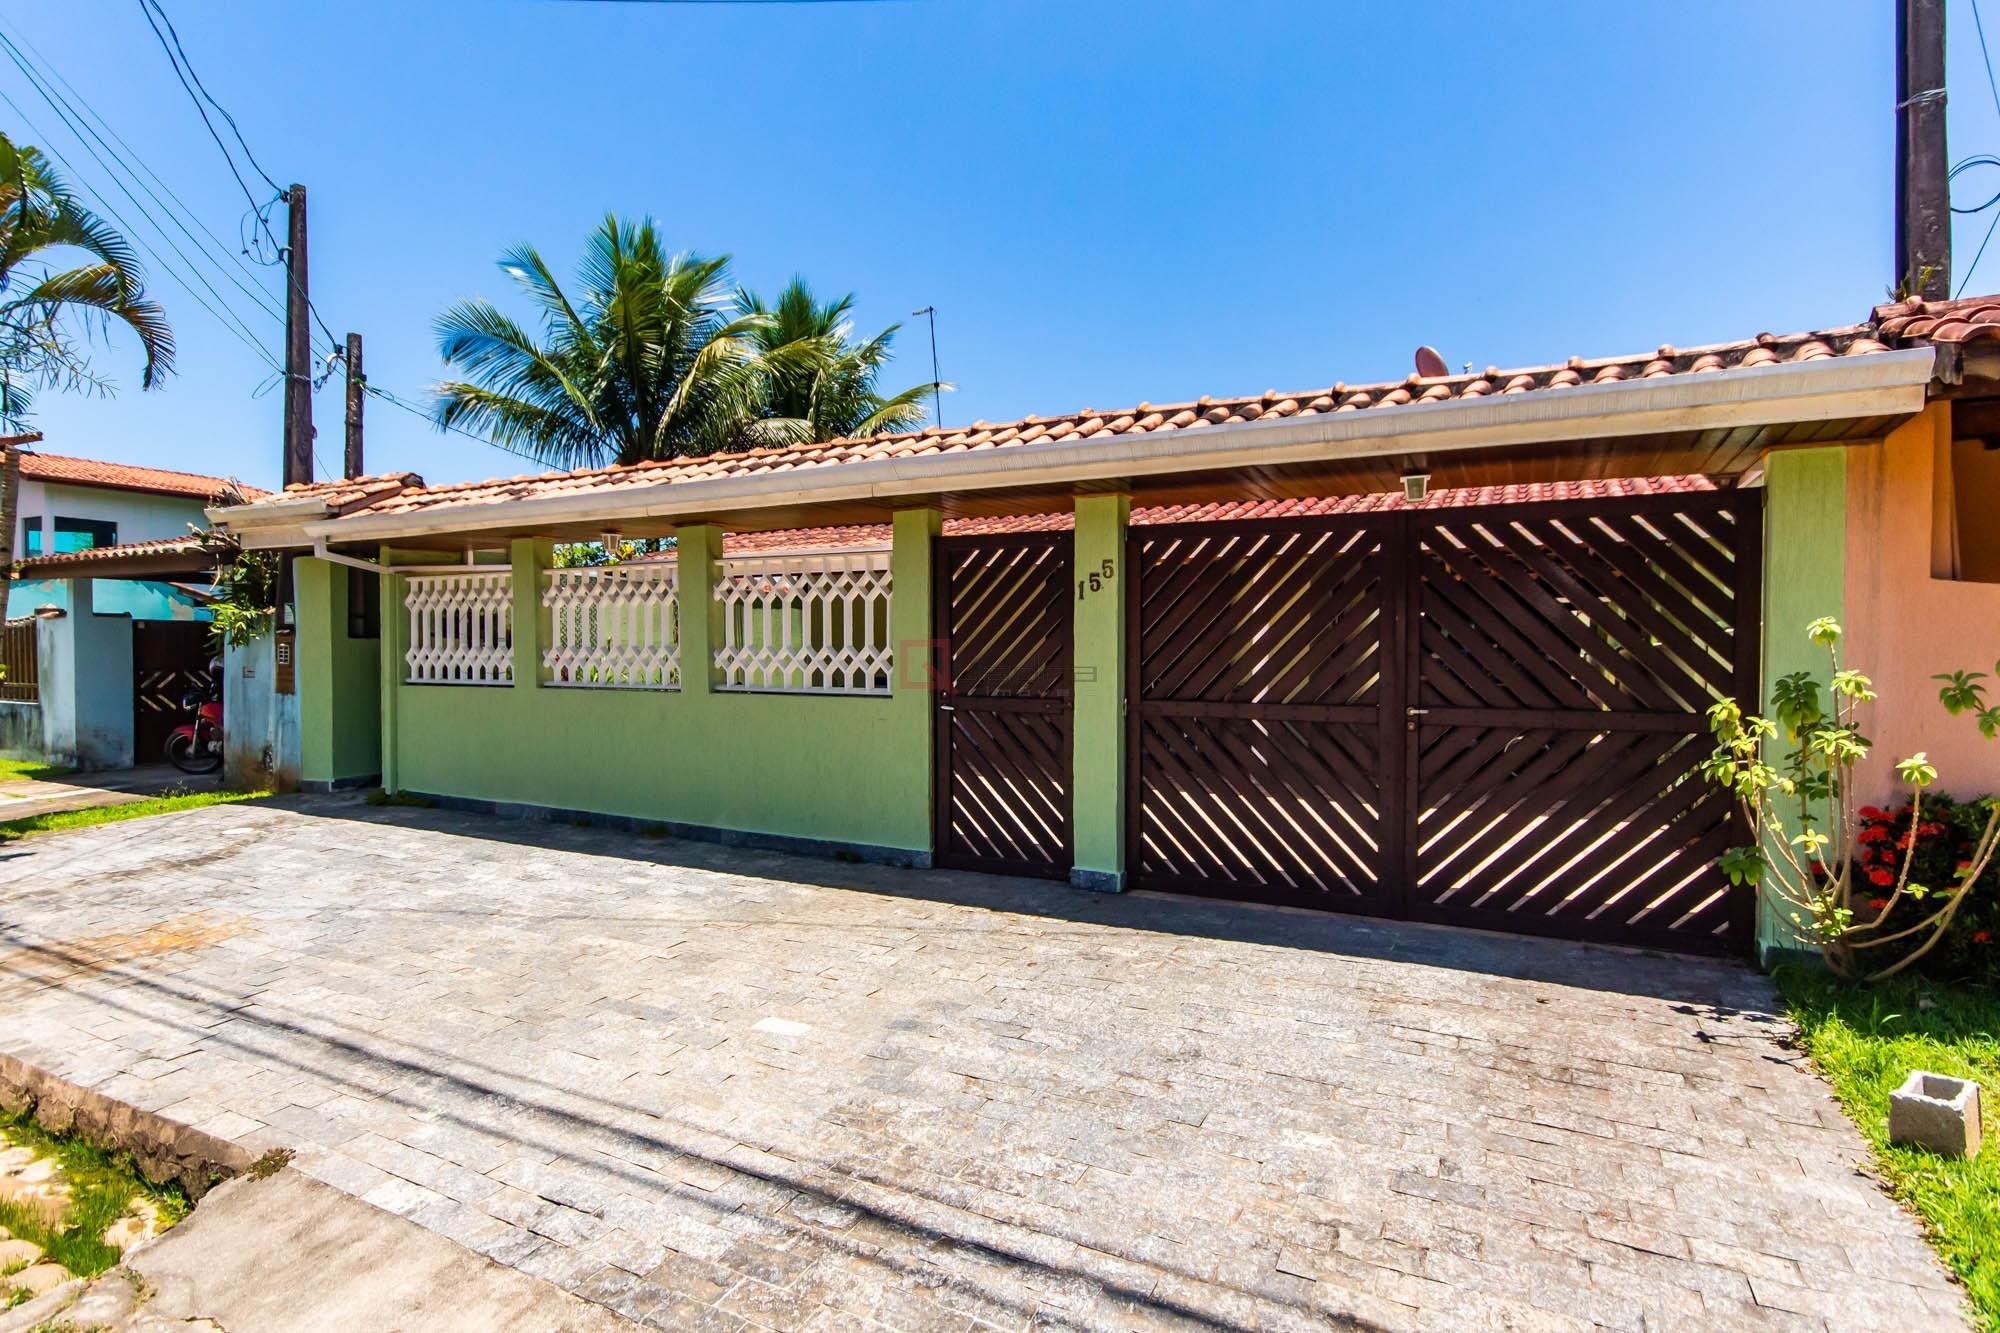 Casa com 3 dormitórios (1 suíte) à venda em Caraguatatuba, no bairro Mar Verde Ii